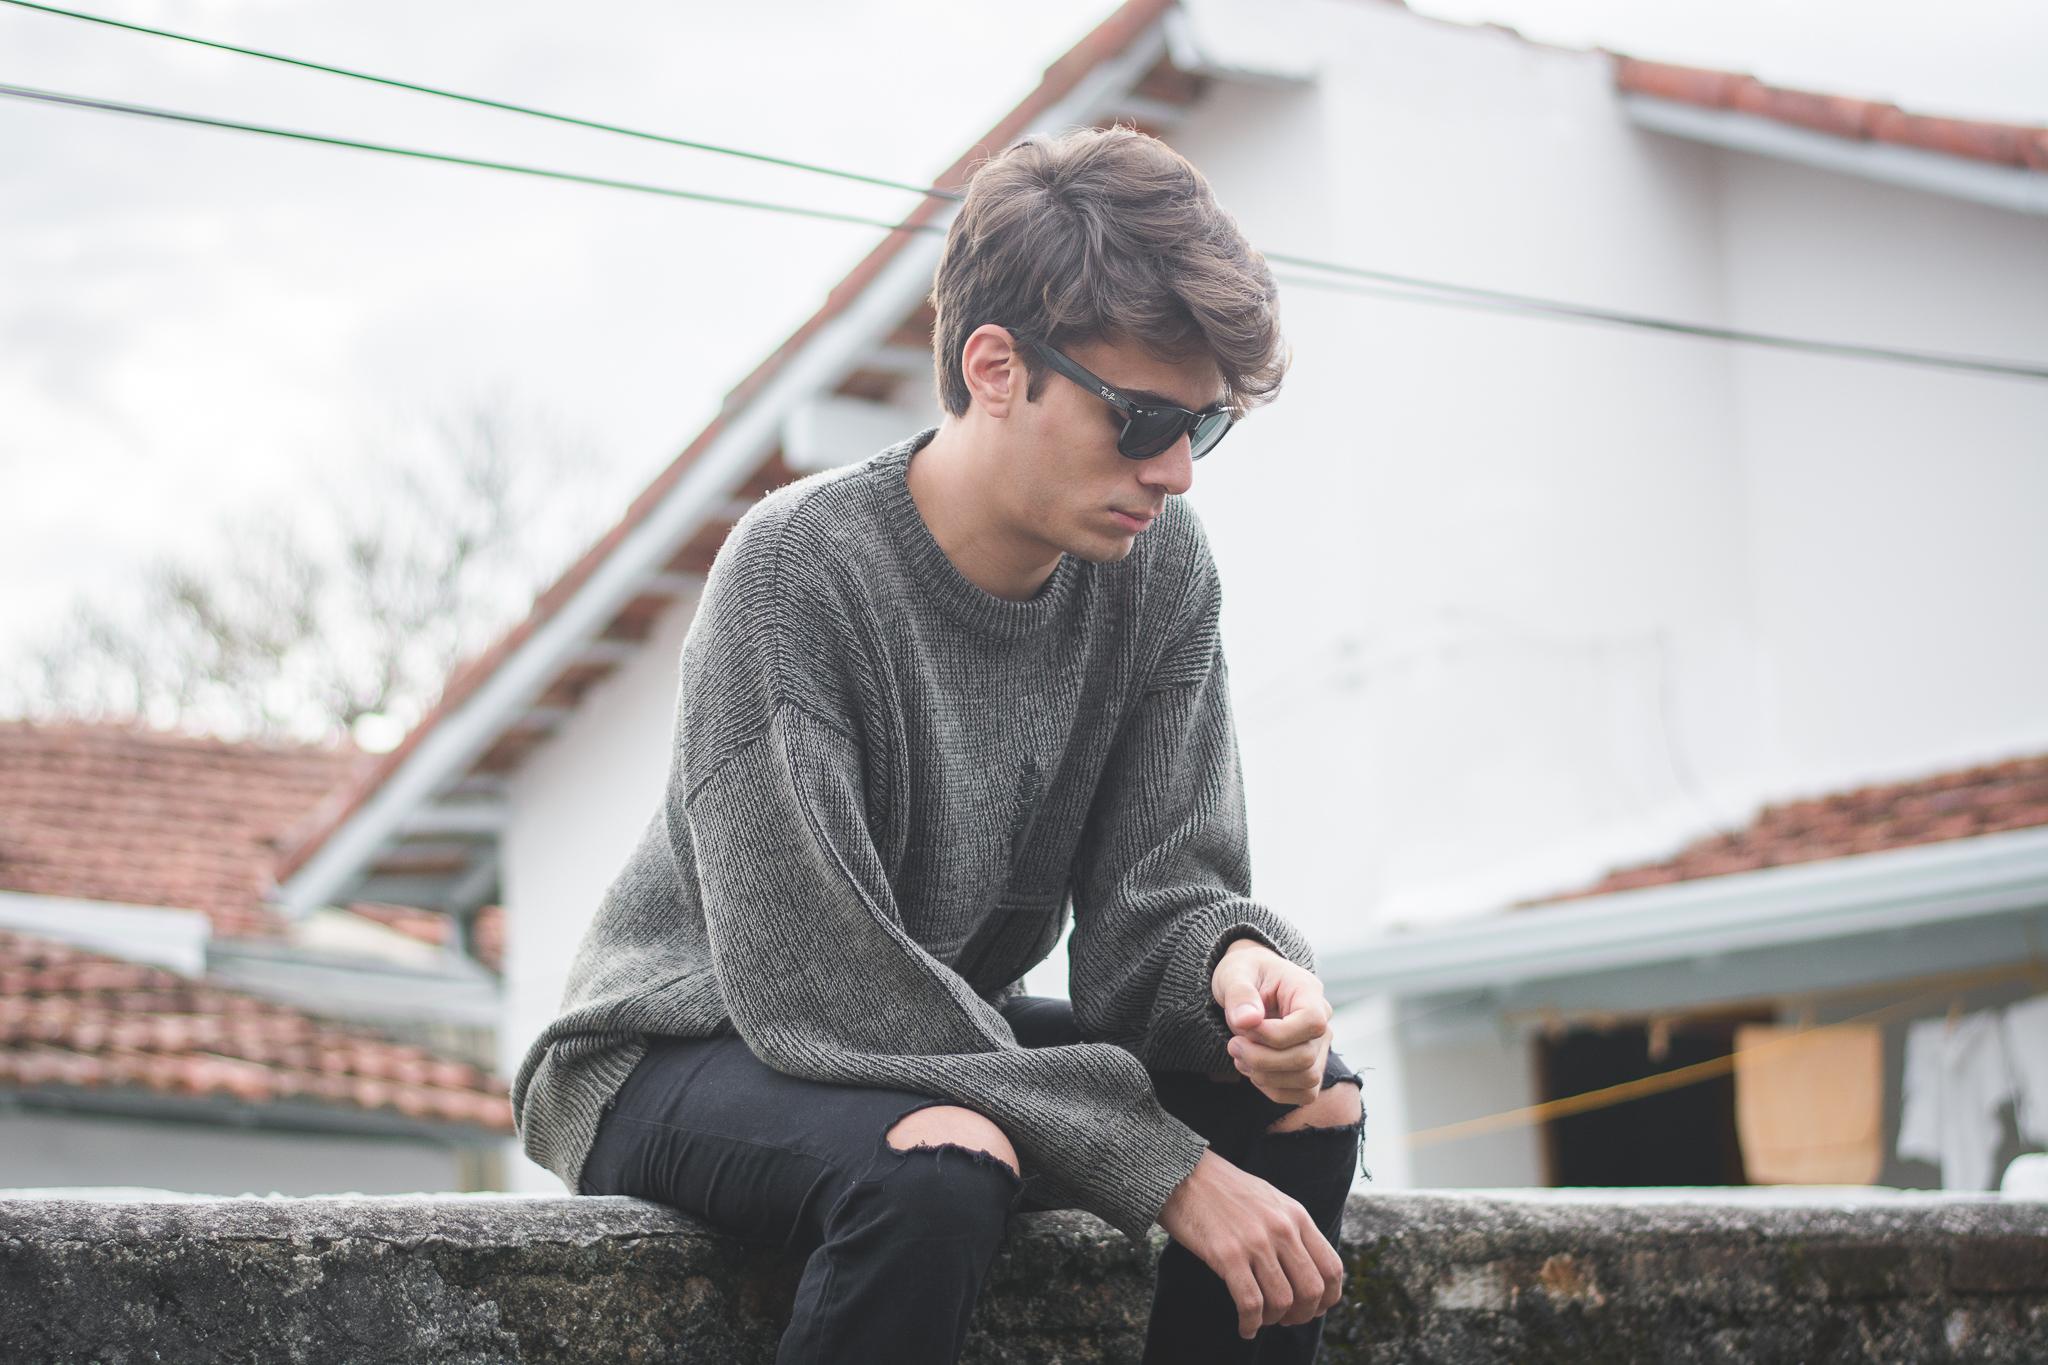 alex-cursino-rafaella-santiago-matheus-komatsu-shooting-editorial-de-moda-influencer-youtuber-blogueiro-de-moda-dicas-de-moda-como-ser-estiloso-anos-90-roupa-masculina-vogue-4